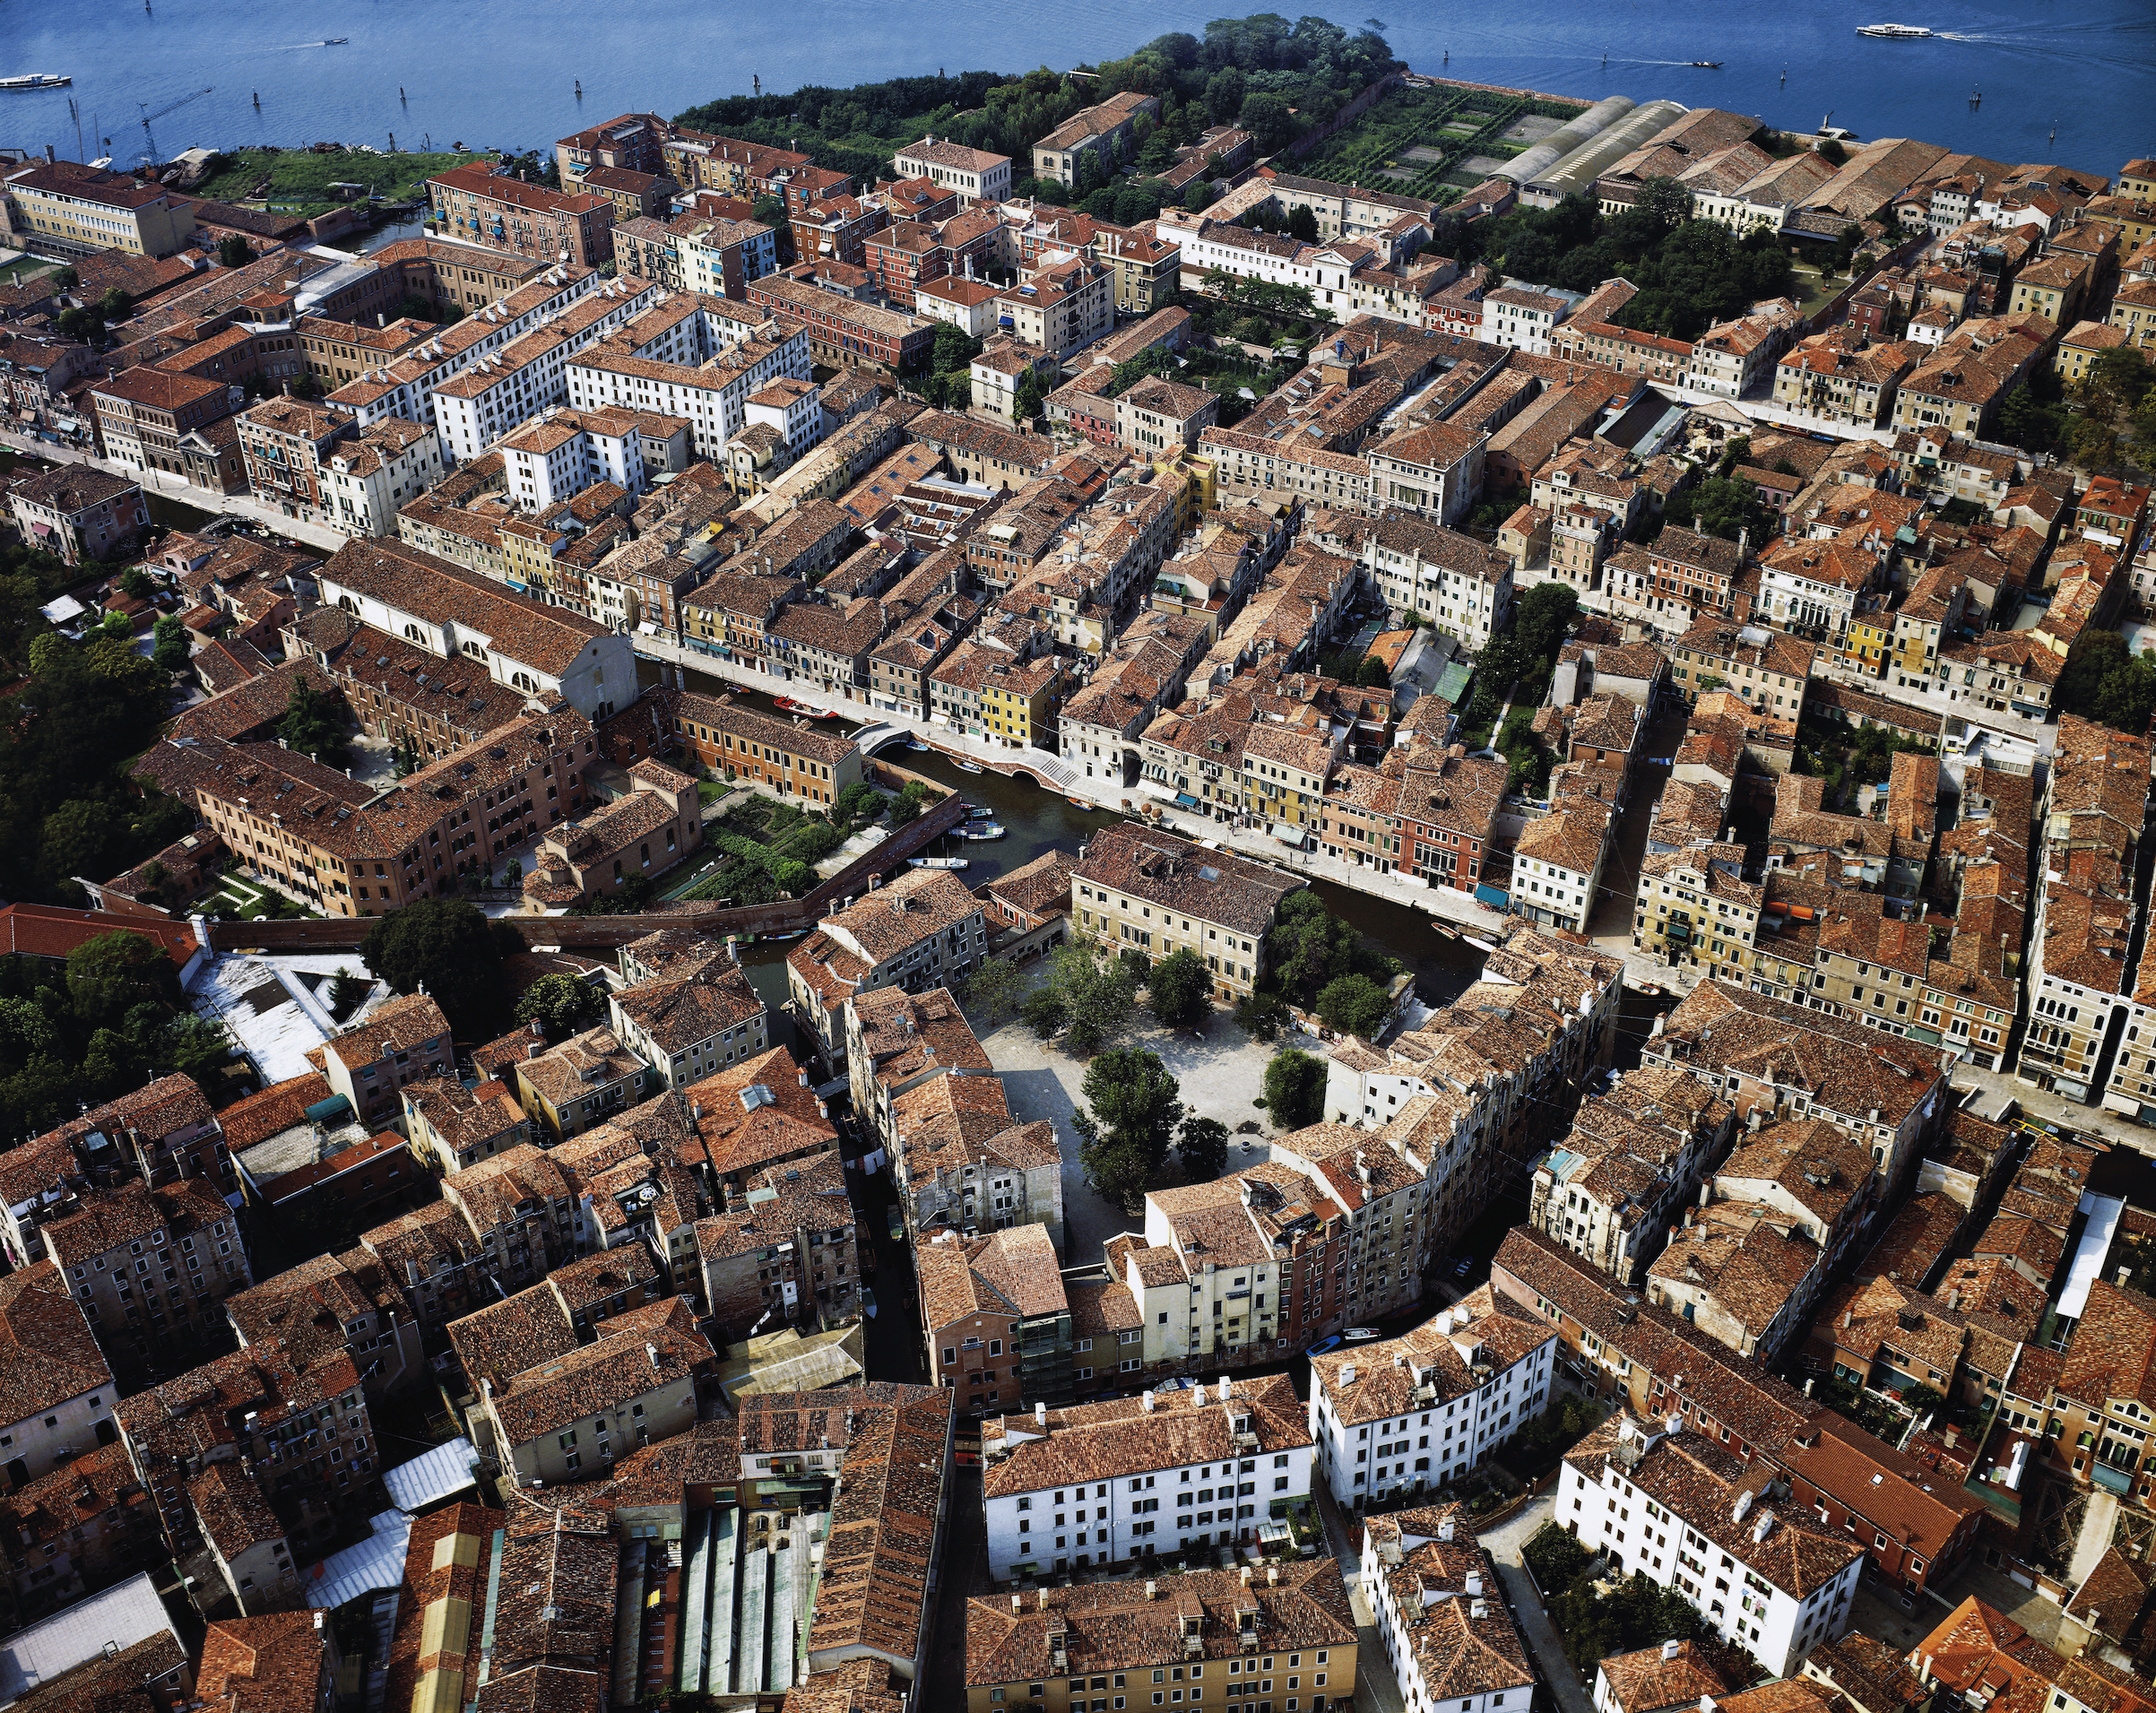 Aerial view of Campo Ghetto Nuovo, Venice